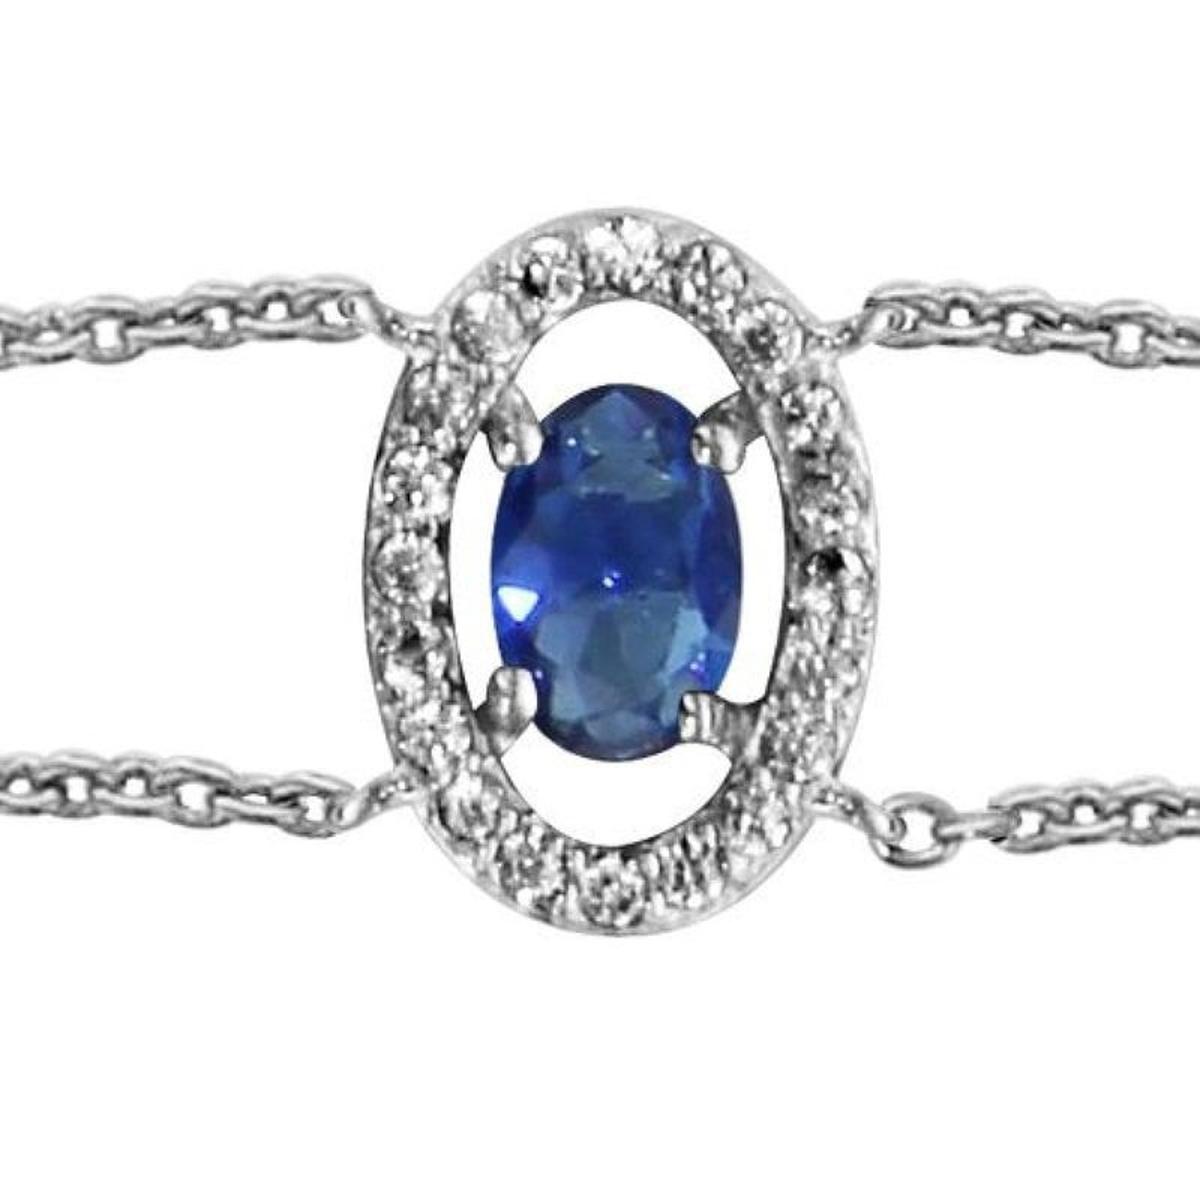 Bracelet Réglable: 16 à 18 cm Ovale Argent 925